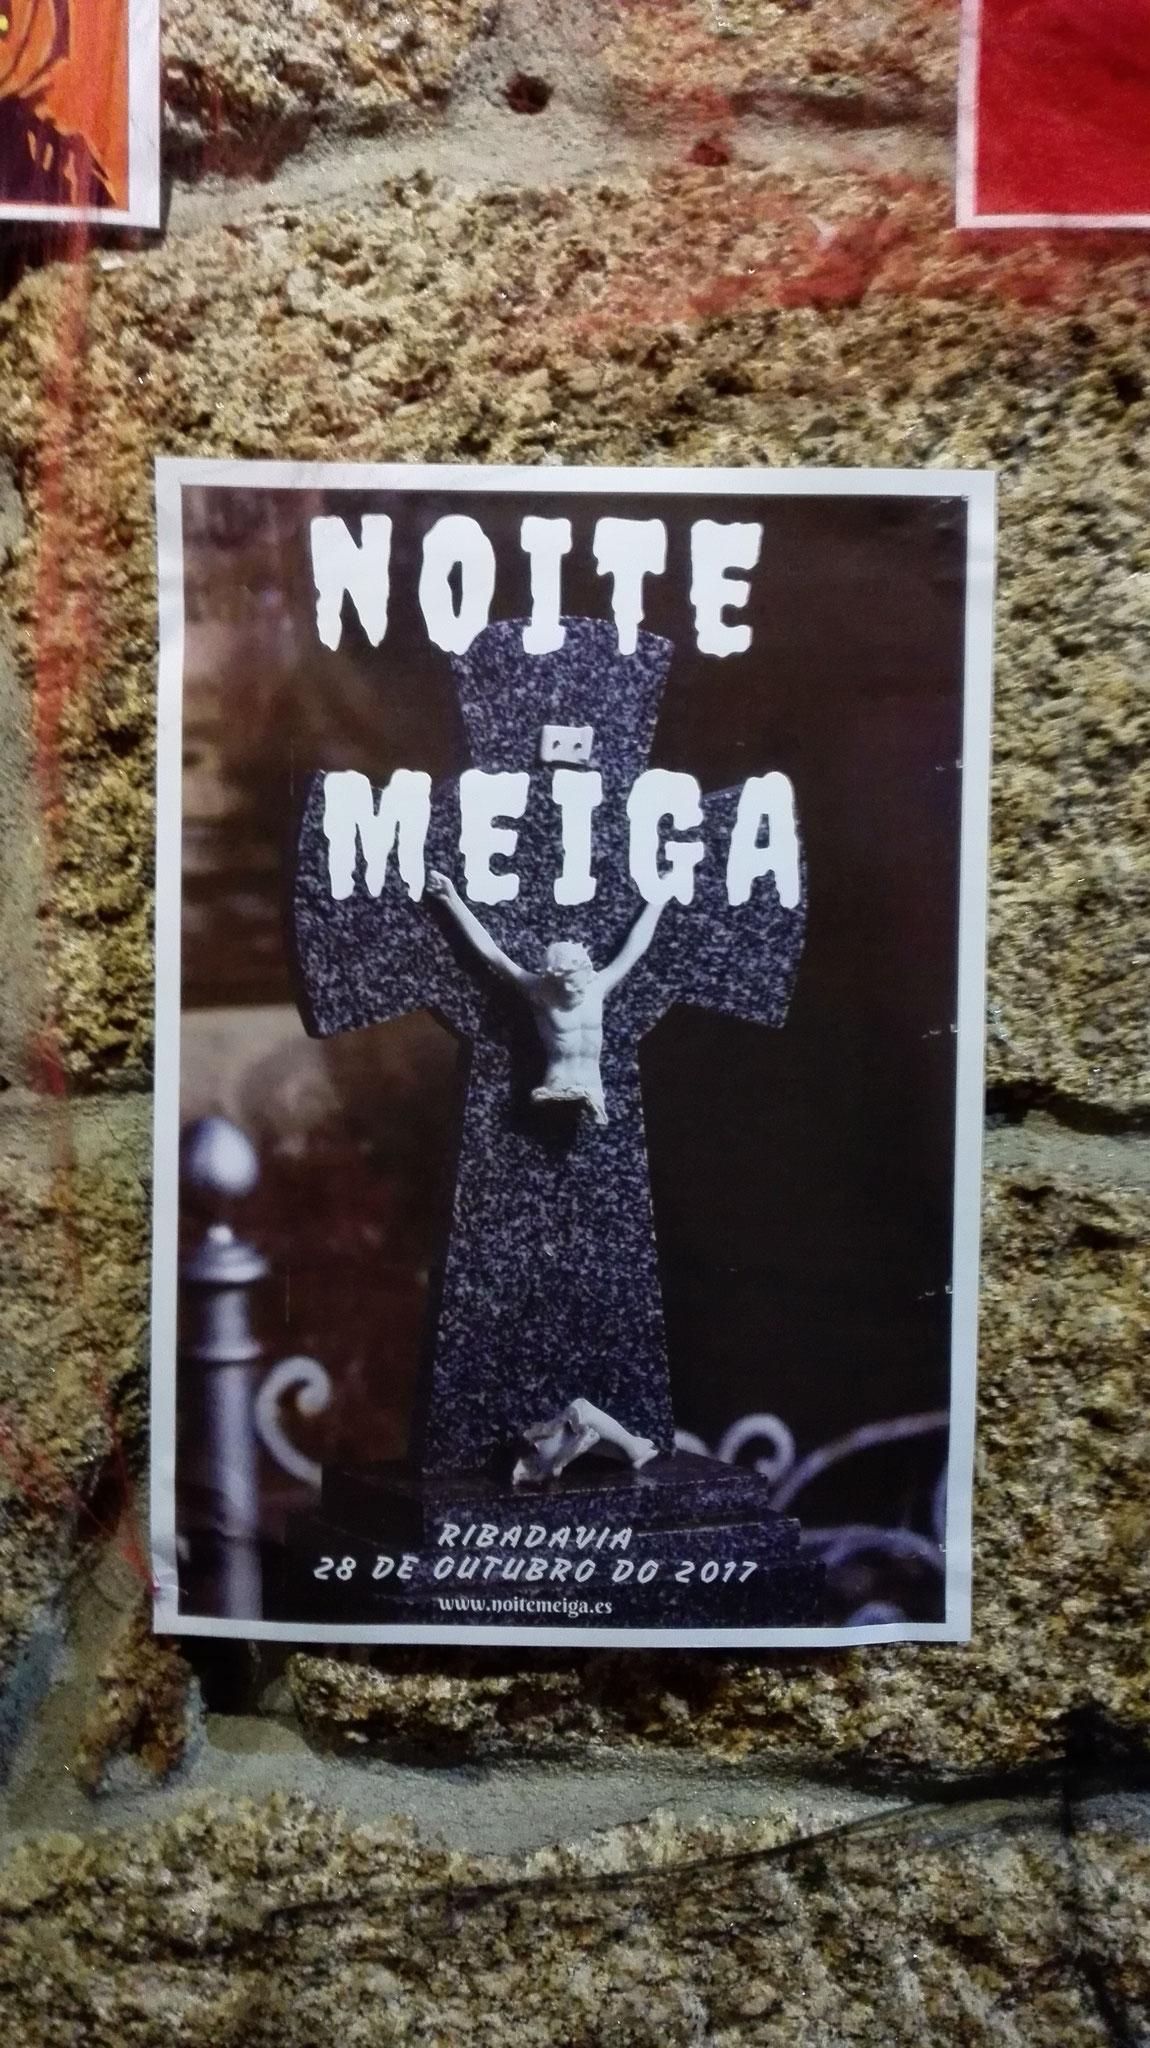 Exposición Carteles Noite Meiga 2017 - Ribadavia - Orense